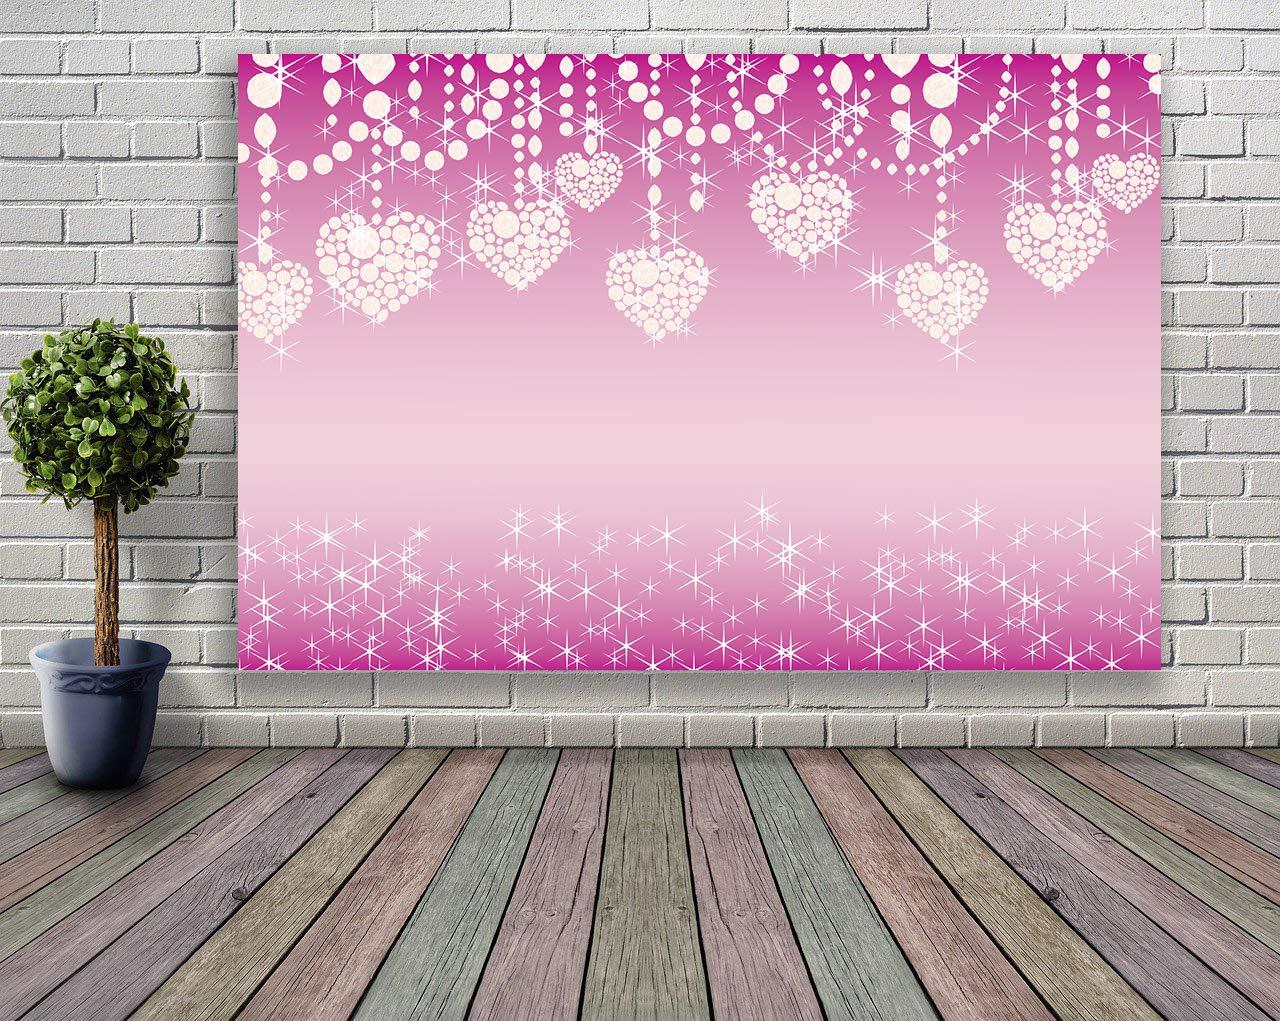 Mehofoto Saint Valentin Toile de Fond 7x5ft Amour Coeur Glitter Bokeh Diamants /Étincelants Photo Backdrops C/ér/émonie De Mariage Photographie Fond